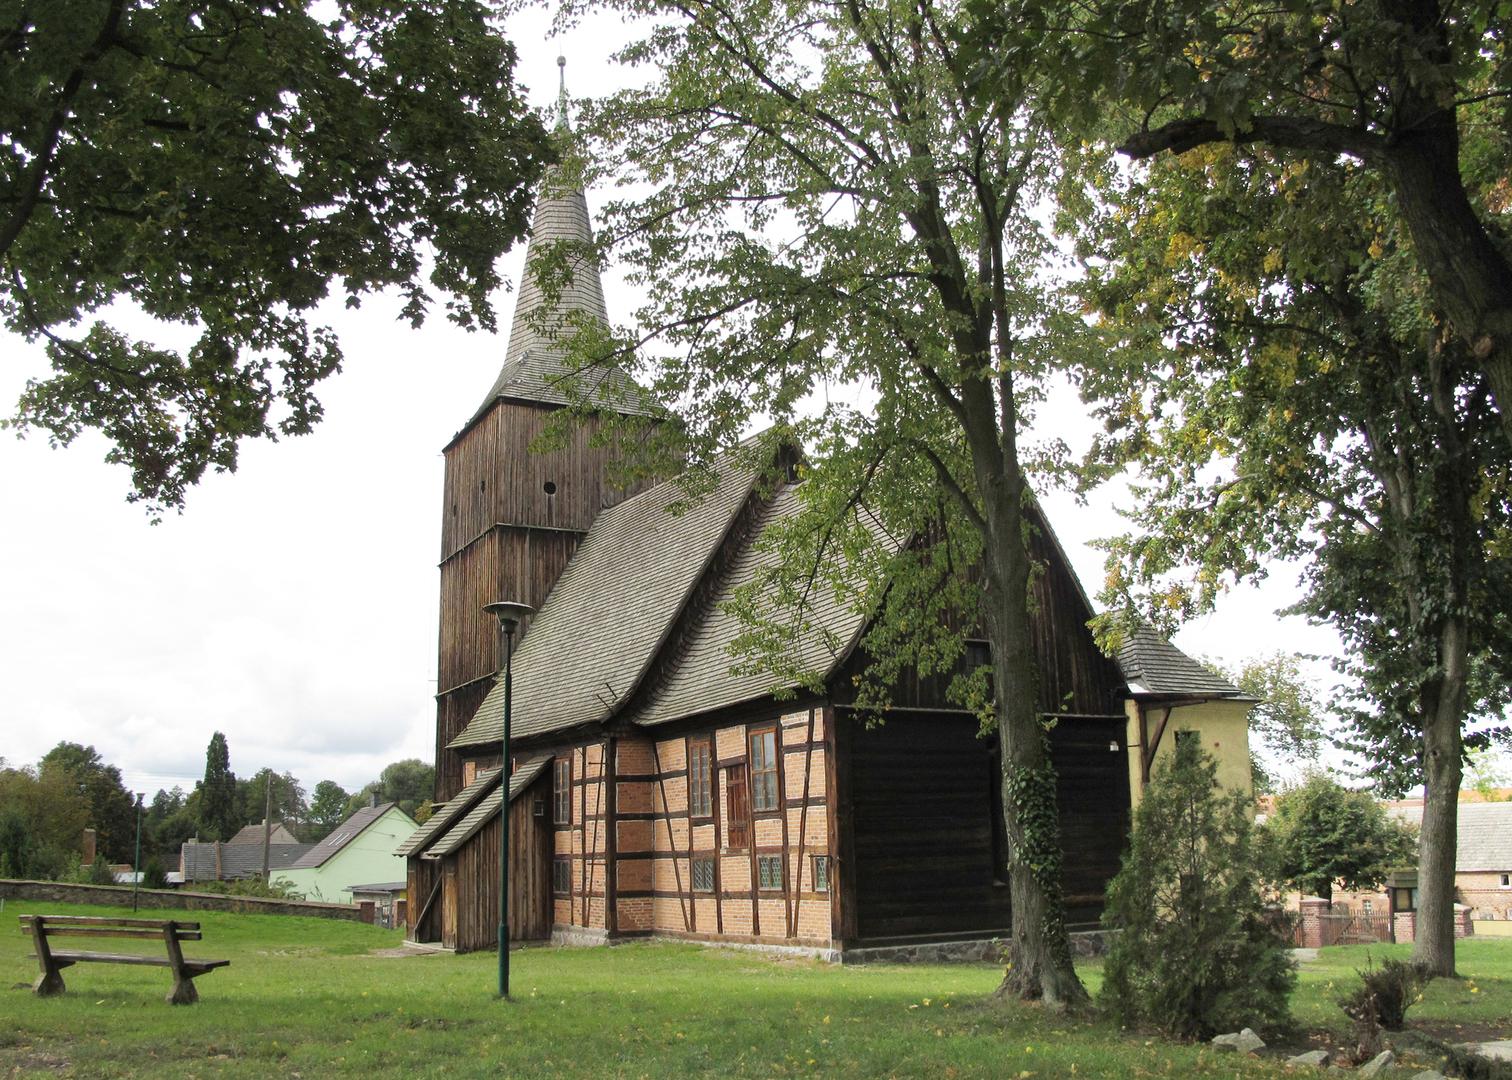 Kościół w Klępsku [3425x2446]